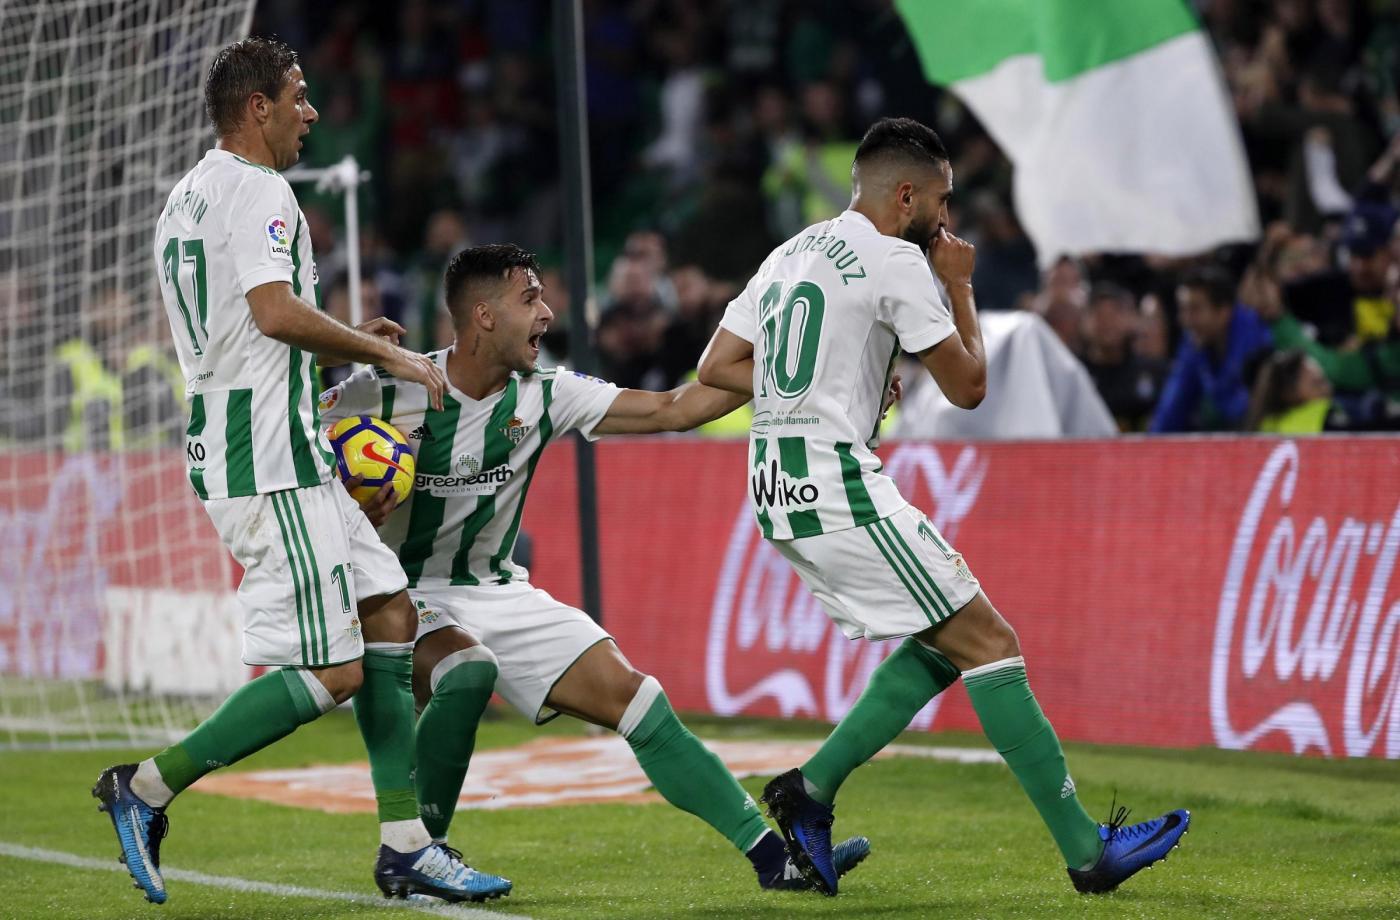 LaLiga, Levante-Betis Siviglia mercoledì 24 aprile: analisi e pronostico della 34ma giornata del campionato spagnolo